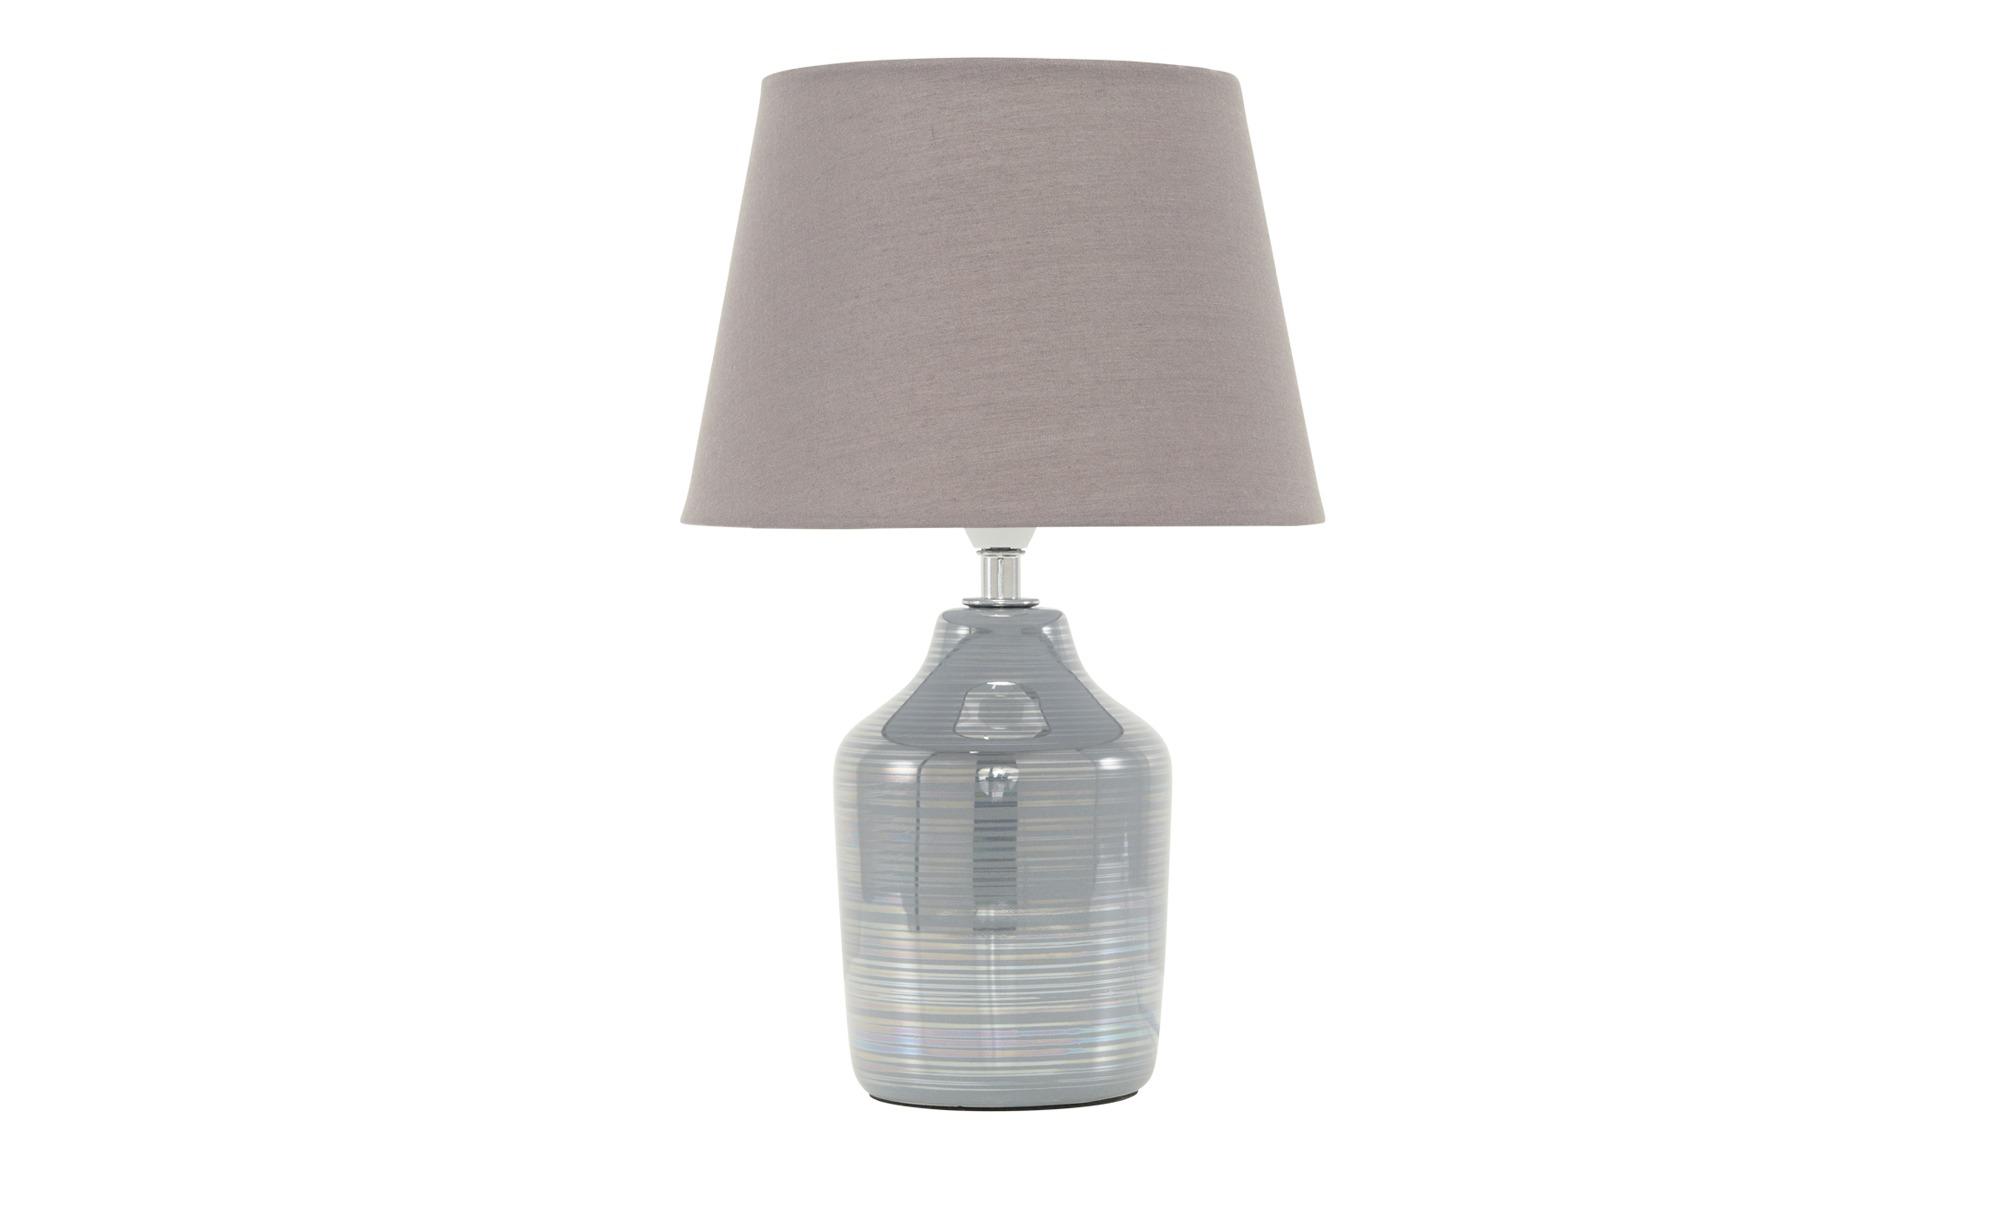 Keramik-Tischleuchte, 1-flammig, grau ¦ grau ¦ Maße (cm): H: 14 Ø: 30 Lampen & Leuchten > Innenleuchten > Tischlampen - Höffner